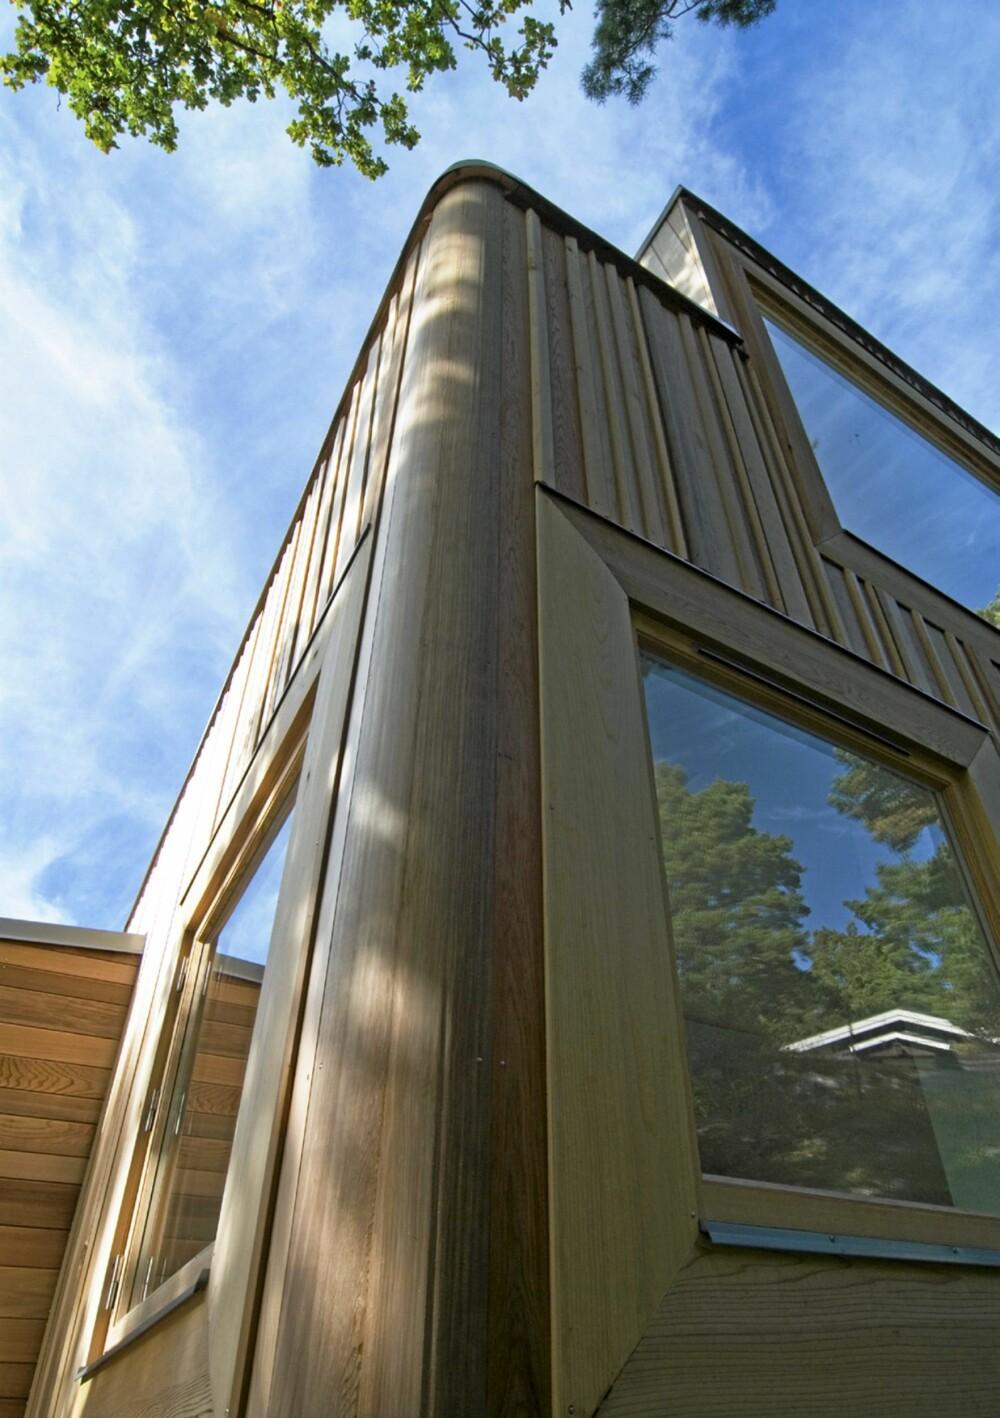 ESTETISK: Ytterkledningen er tilskåret med forskjellige bredder og former. Legg merke til avslutningen av hjørnene og rundt vinduene.